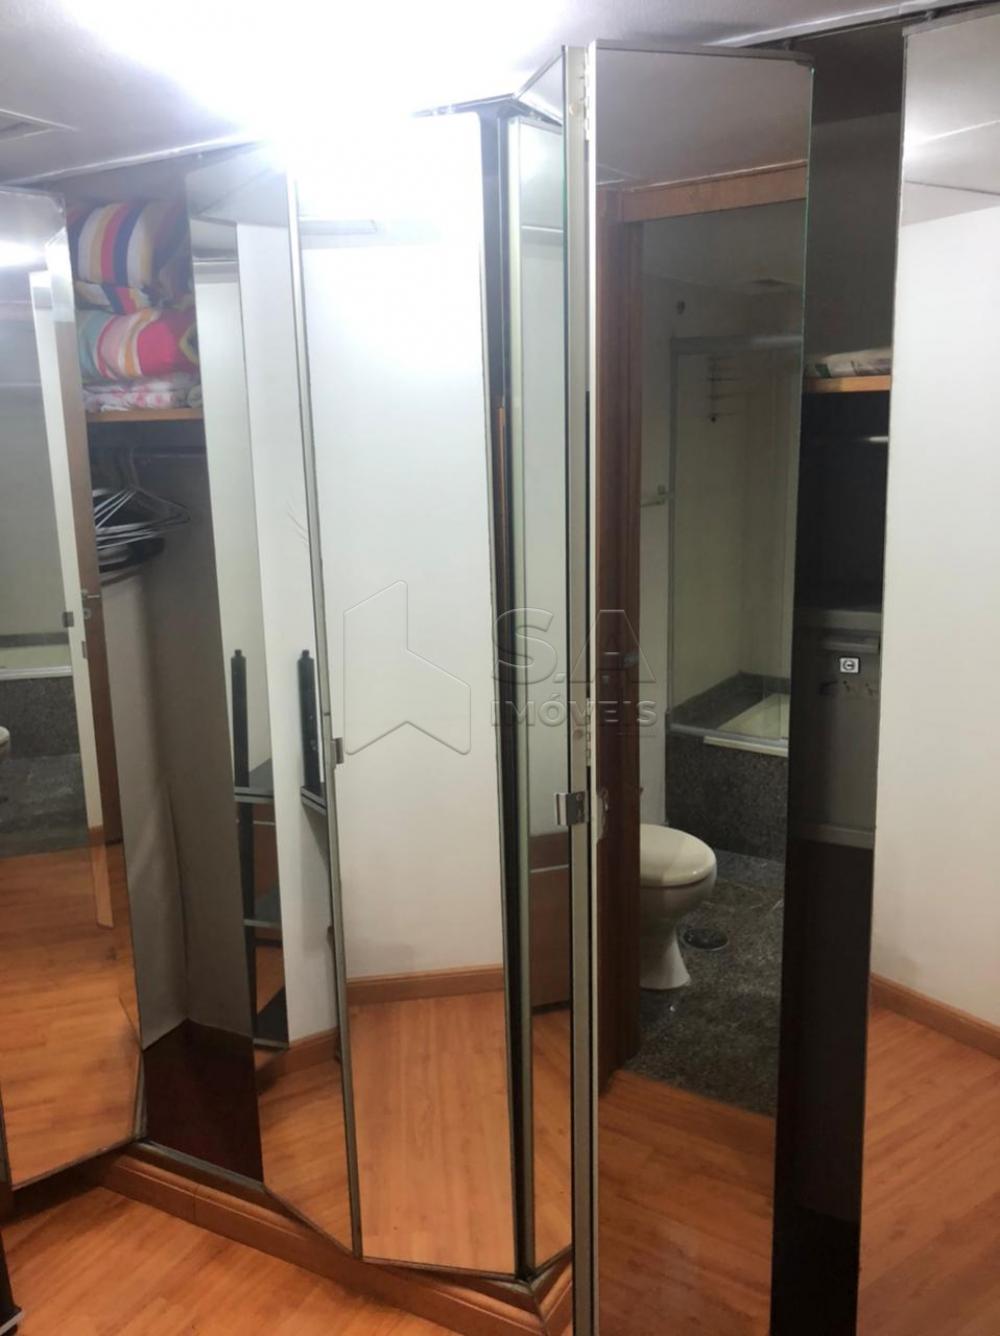 Comprar Apartamento / Duplex em São Paulo R$ 400.000,00 - Foto 9